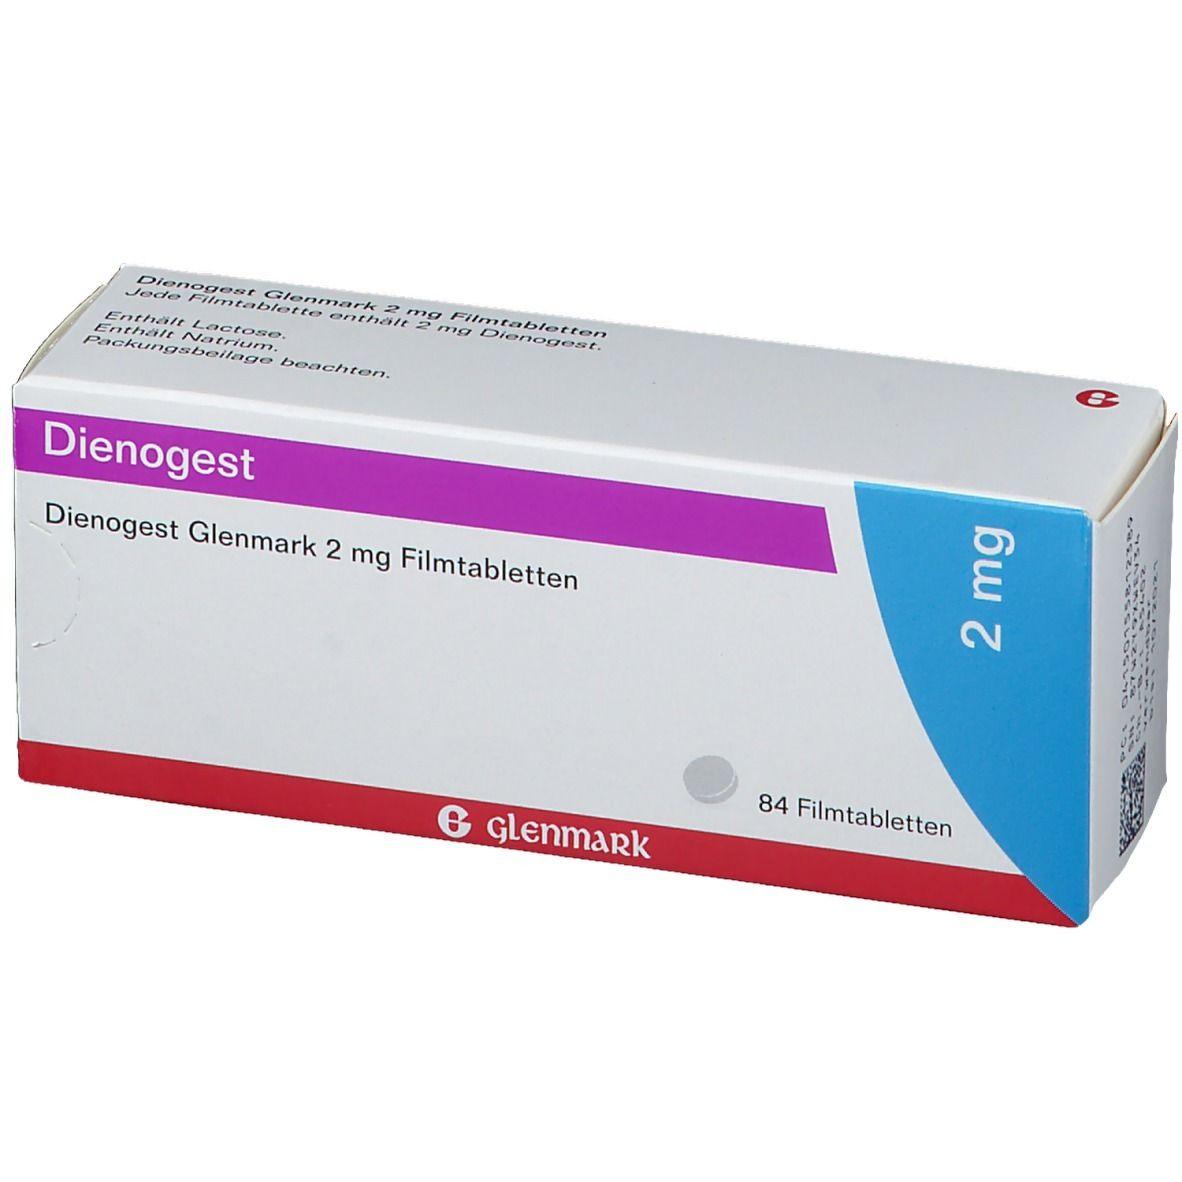 DIENOGEST Glenmark 2 mg Filmtabletten